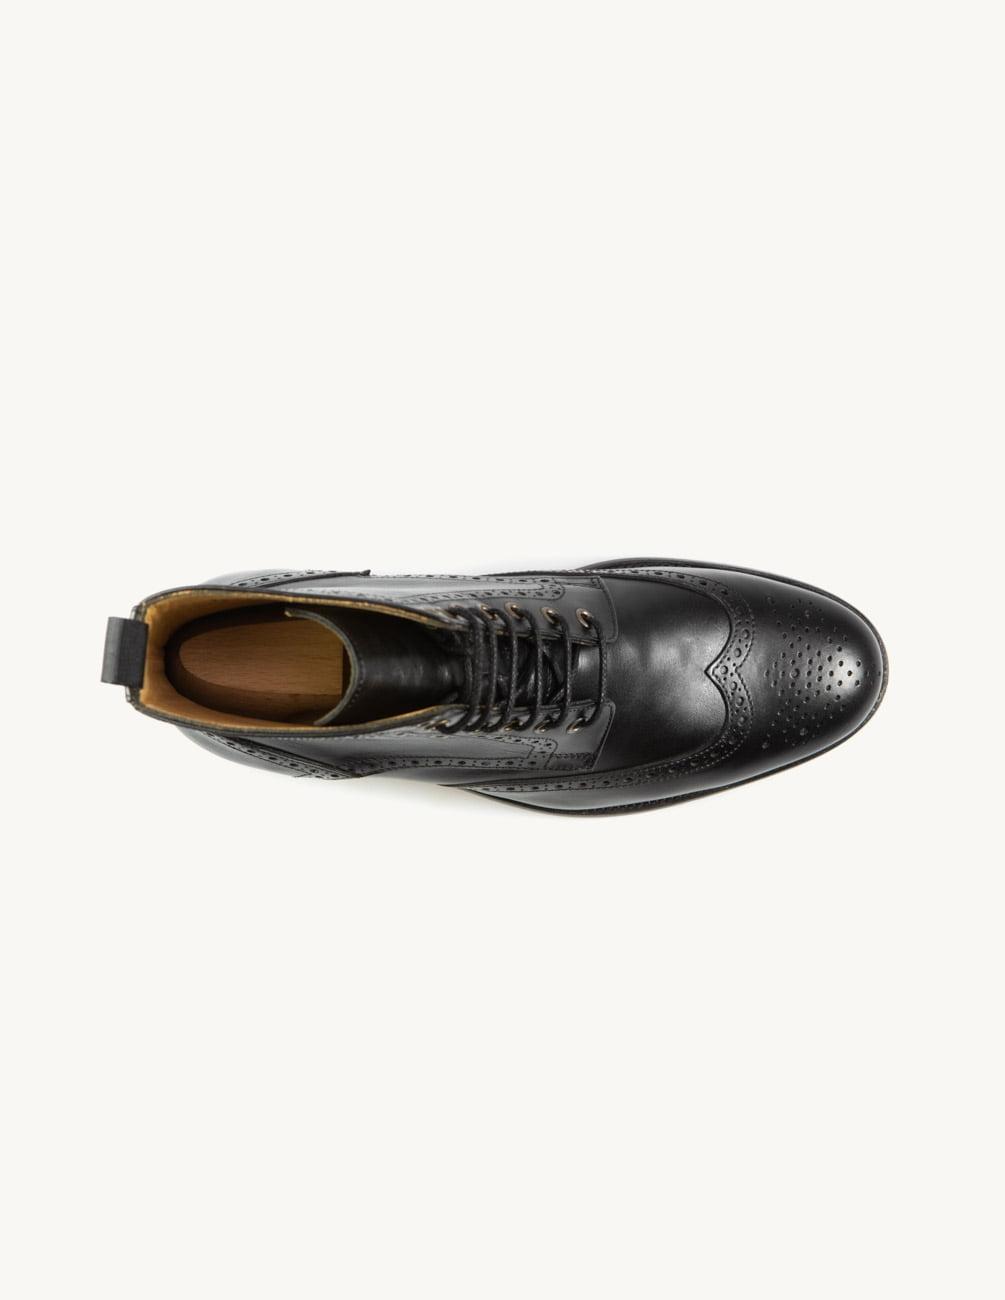 Bota de cano curto em preto rasa